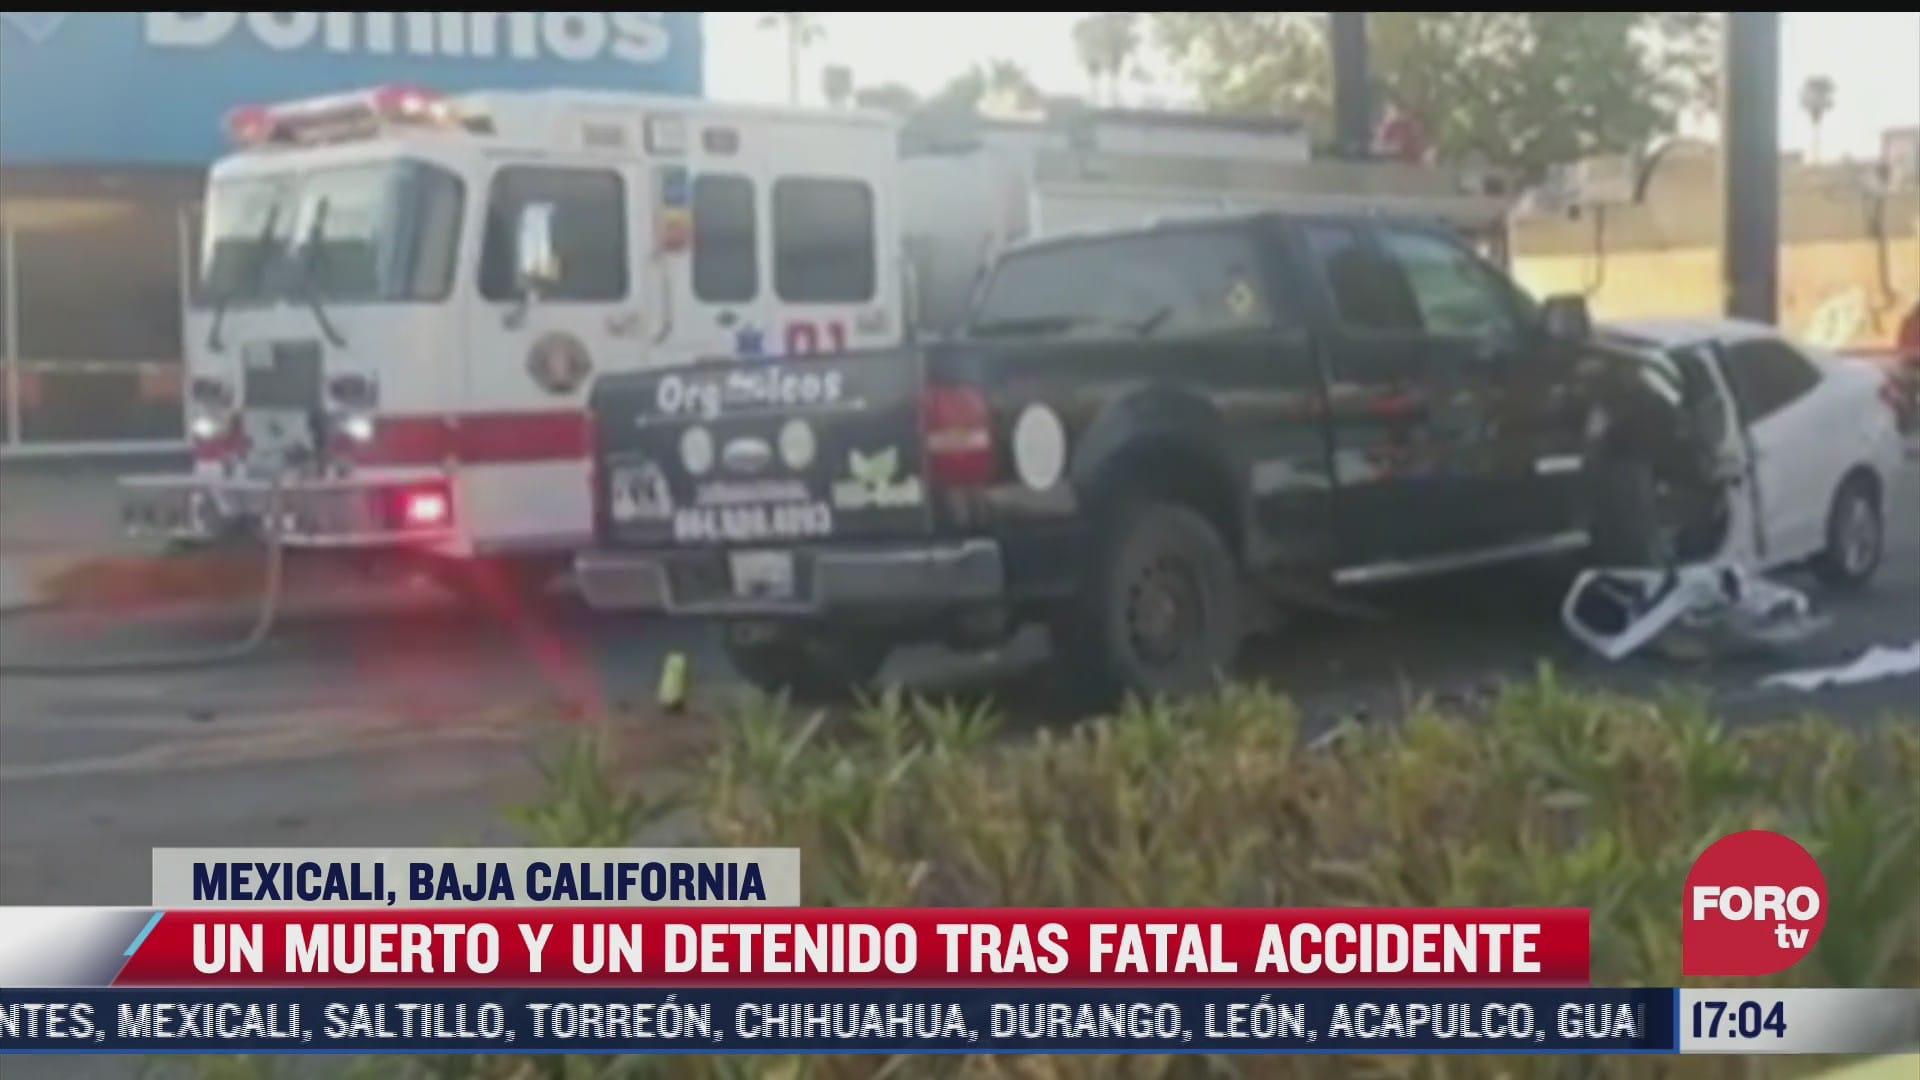 un muerto y un detenido tras fatal accidente en mexicali